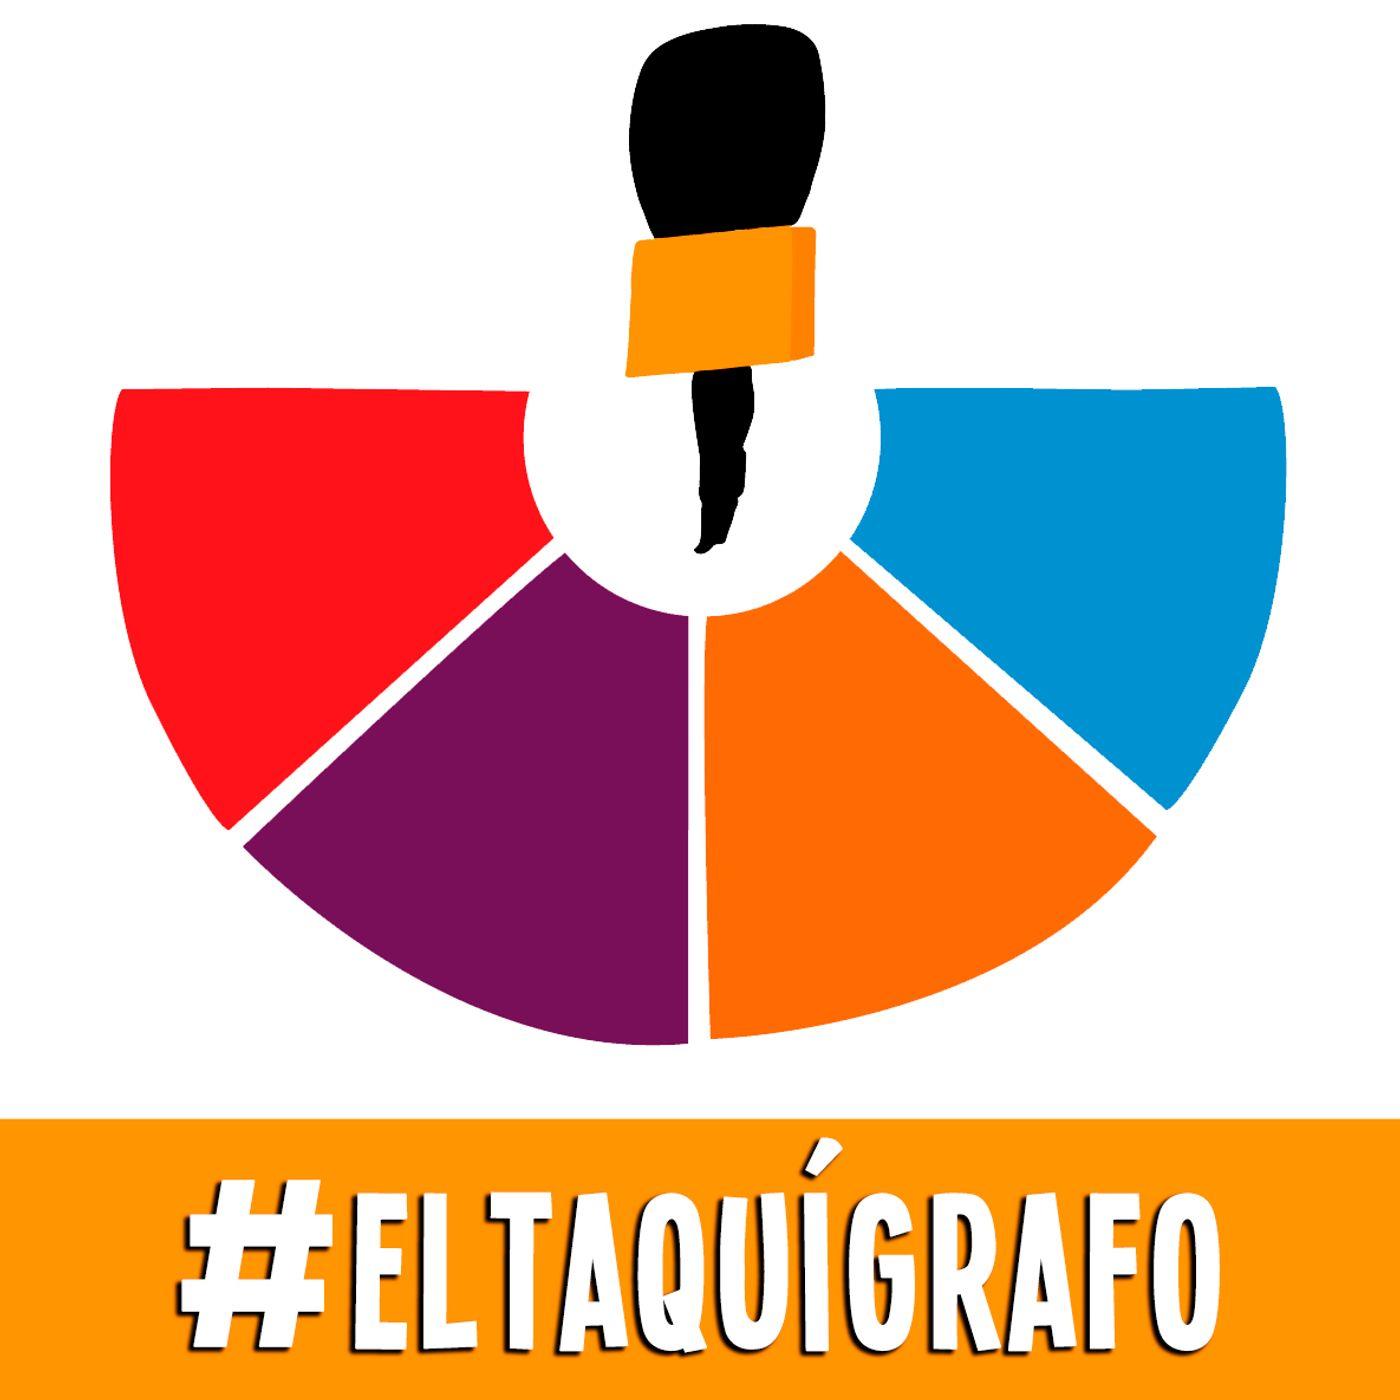 El taquígrafo (26/03/2019) Primavera electoral #eltaquígrafo